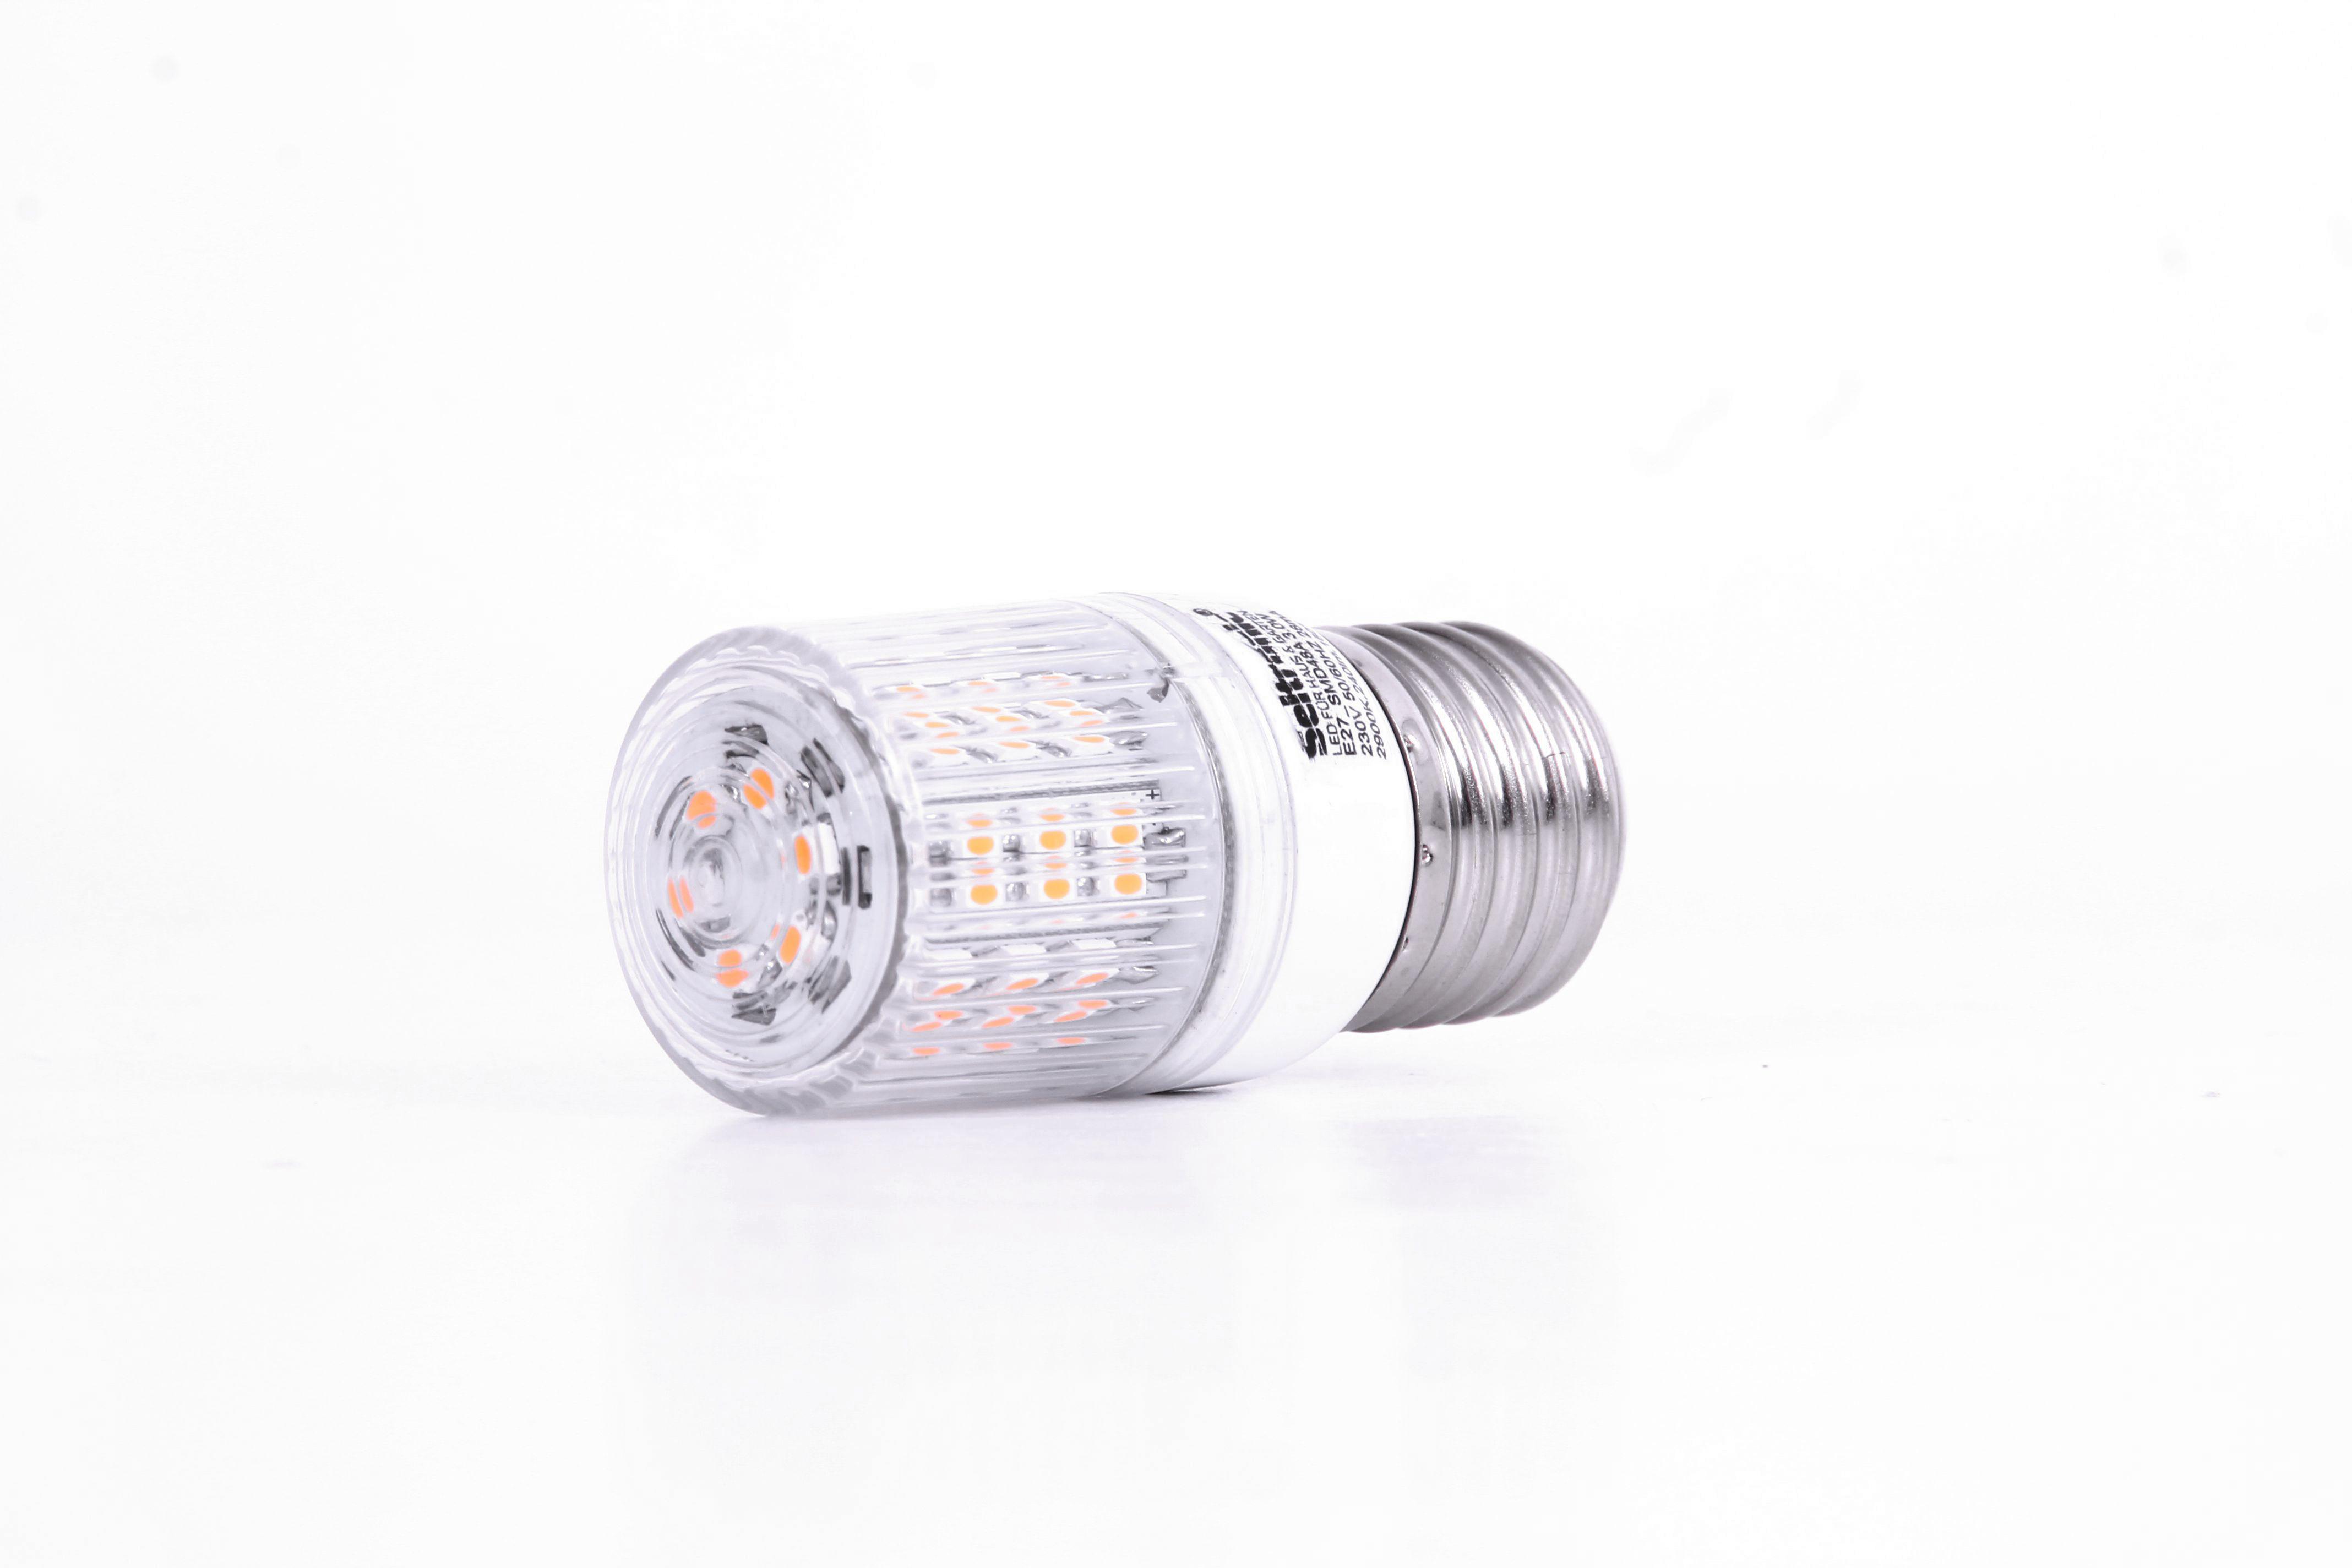 led_lampe_e27_warm_weiss Luxus Led Lampe 3 Watt Dekorationen